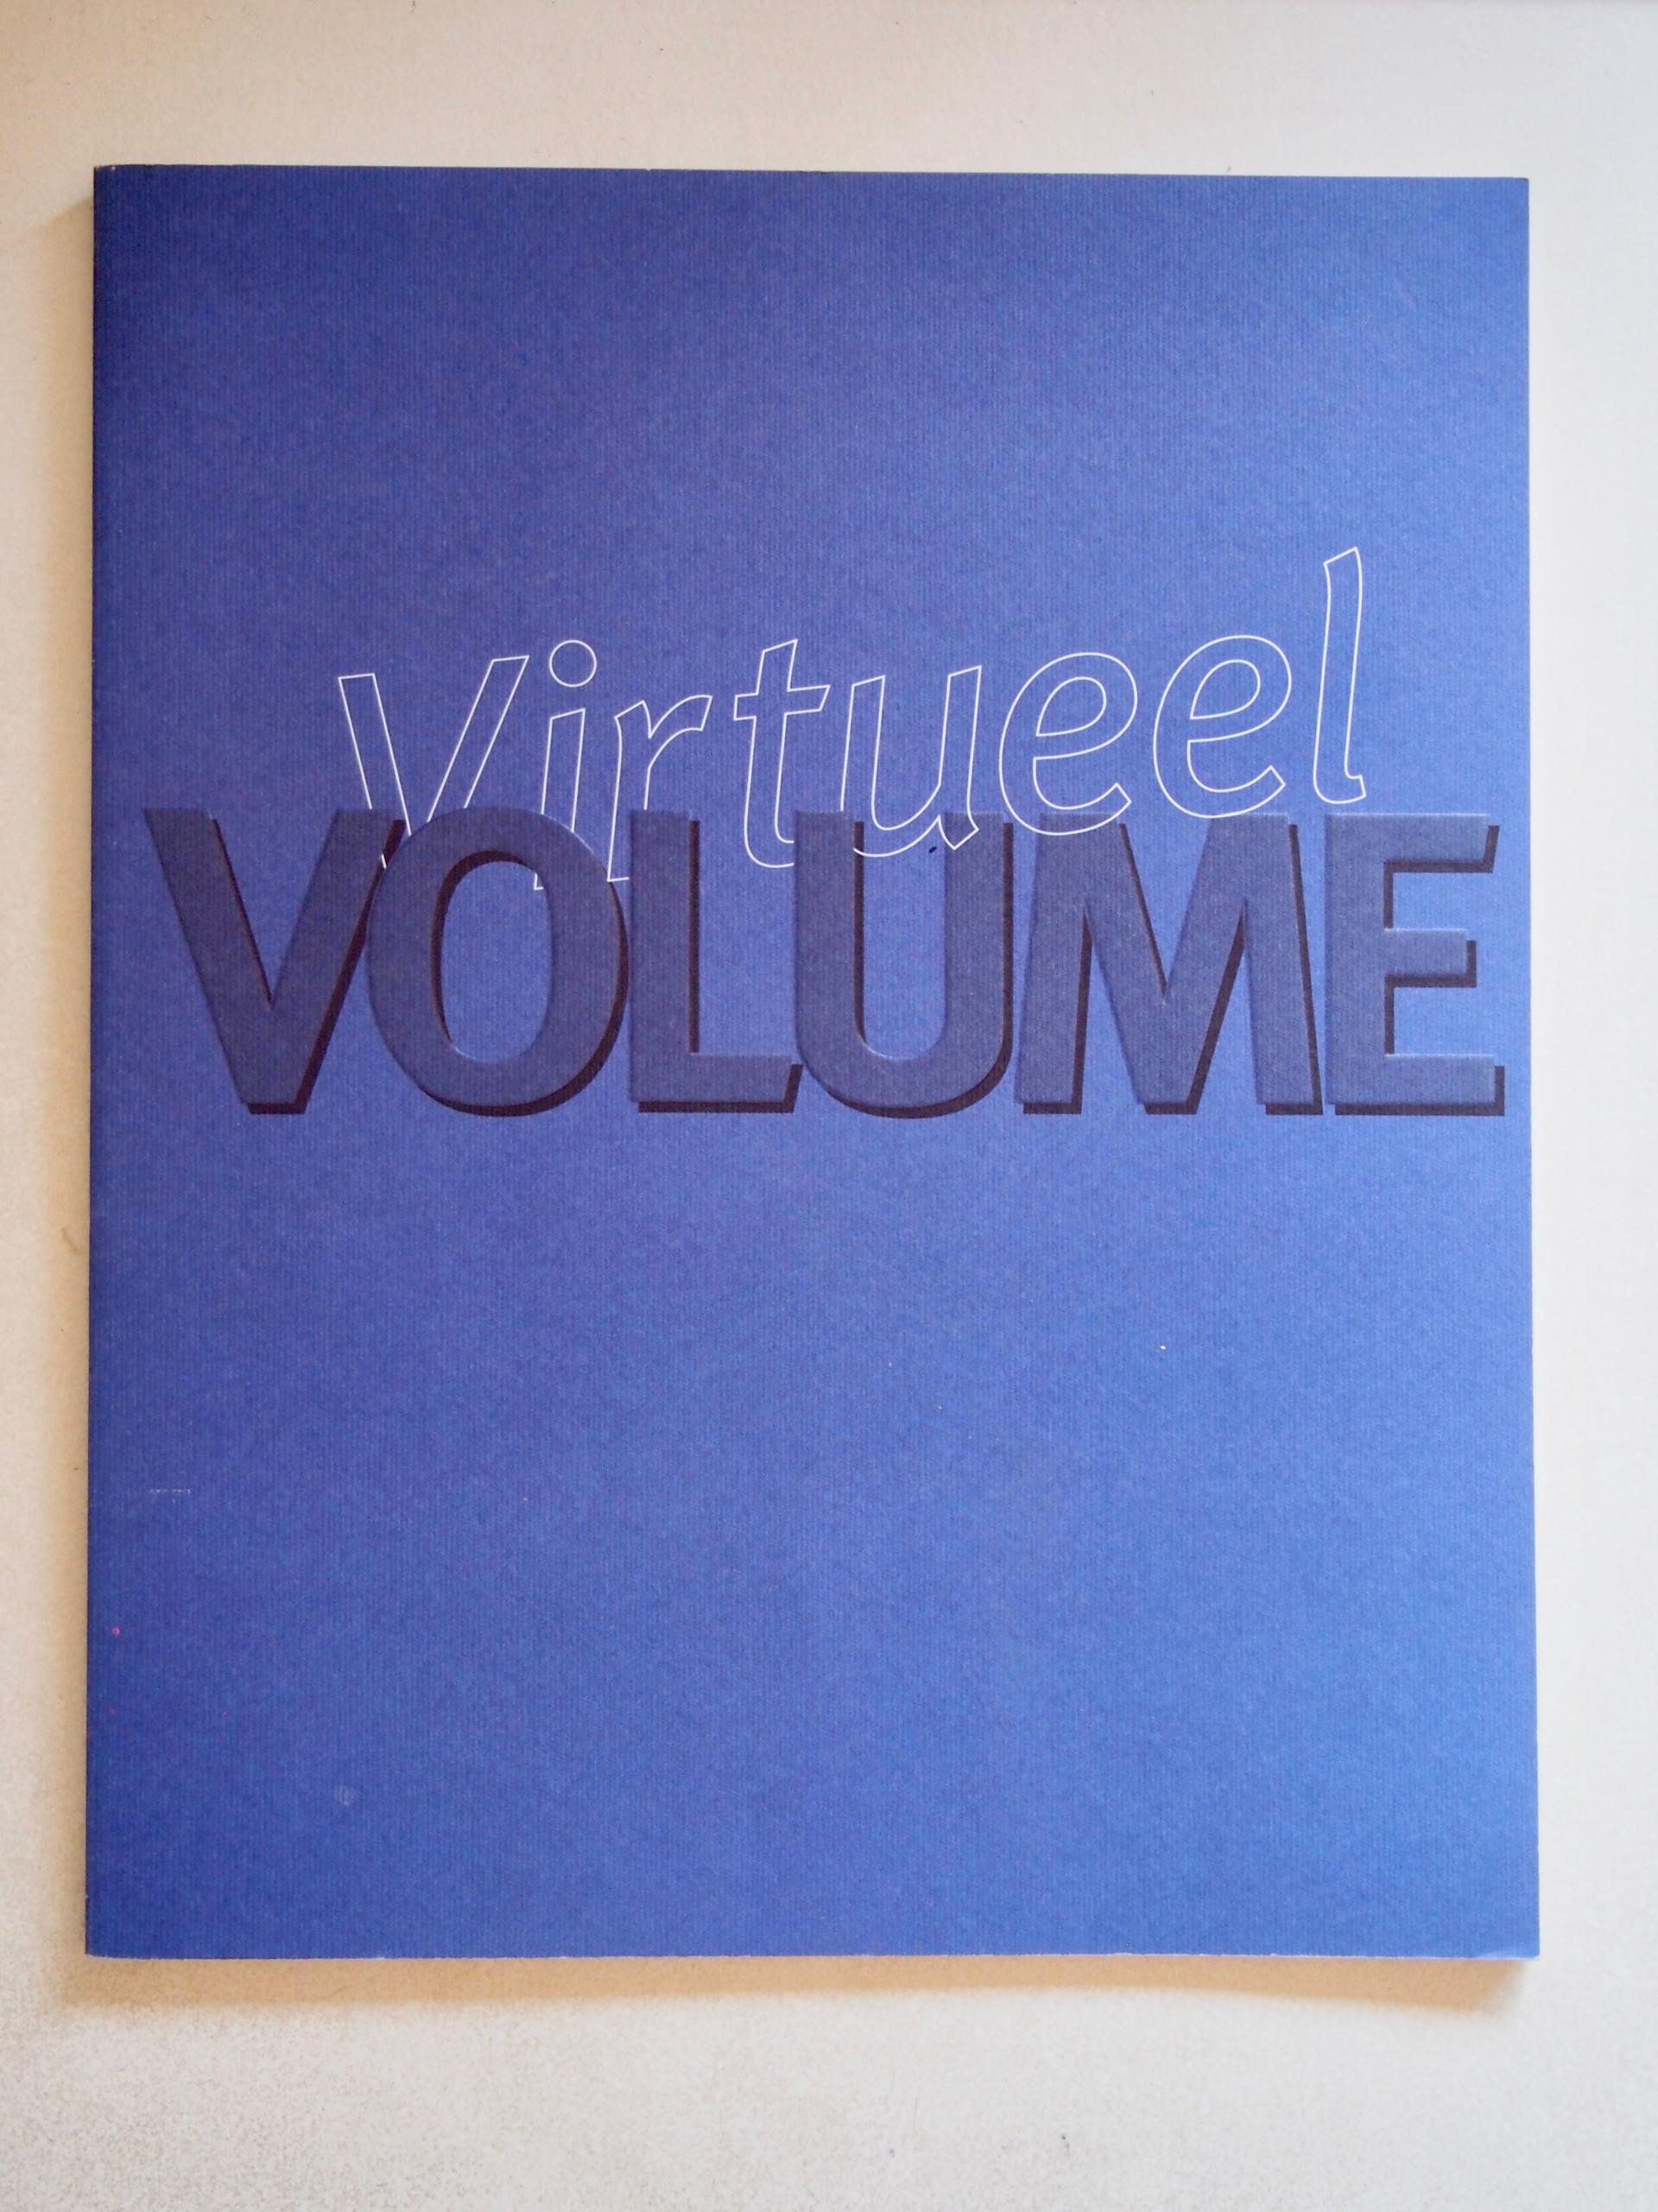 2. Arti et Amicitiae 1997 kopie.jpg